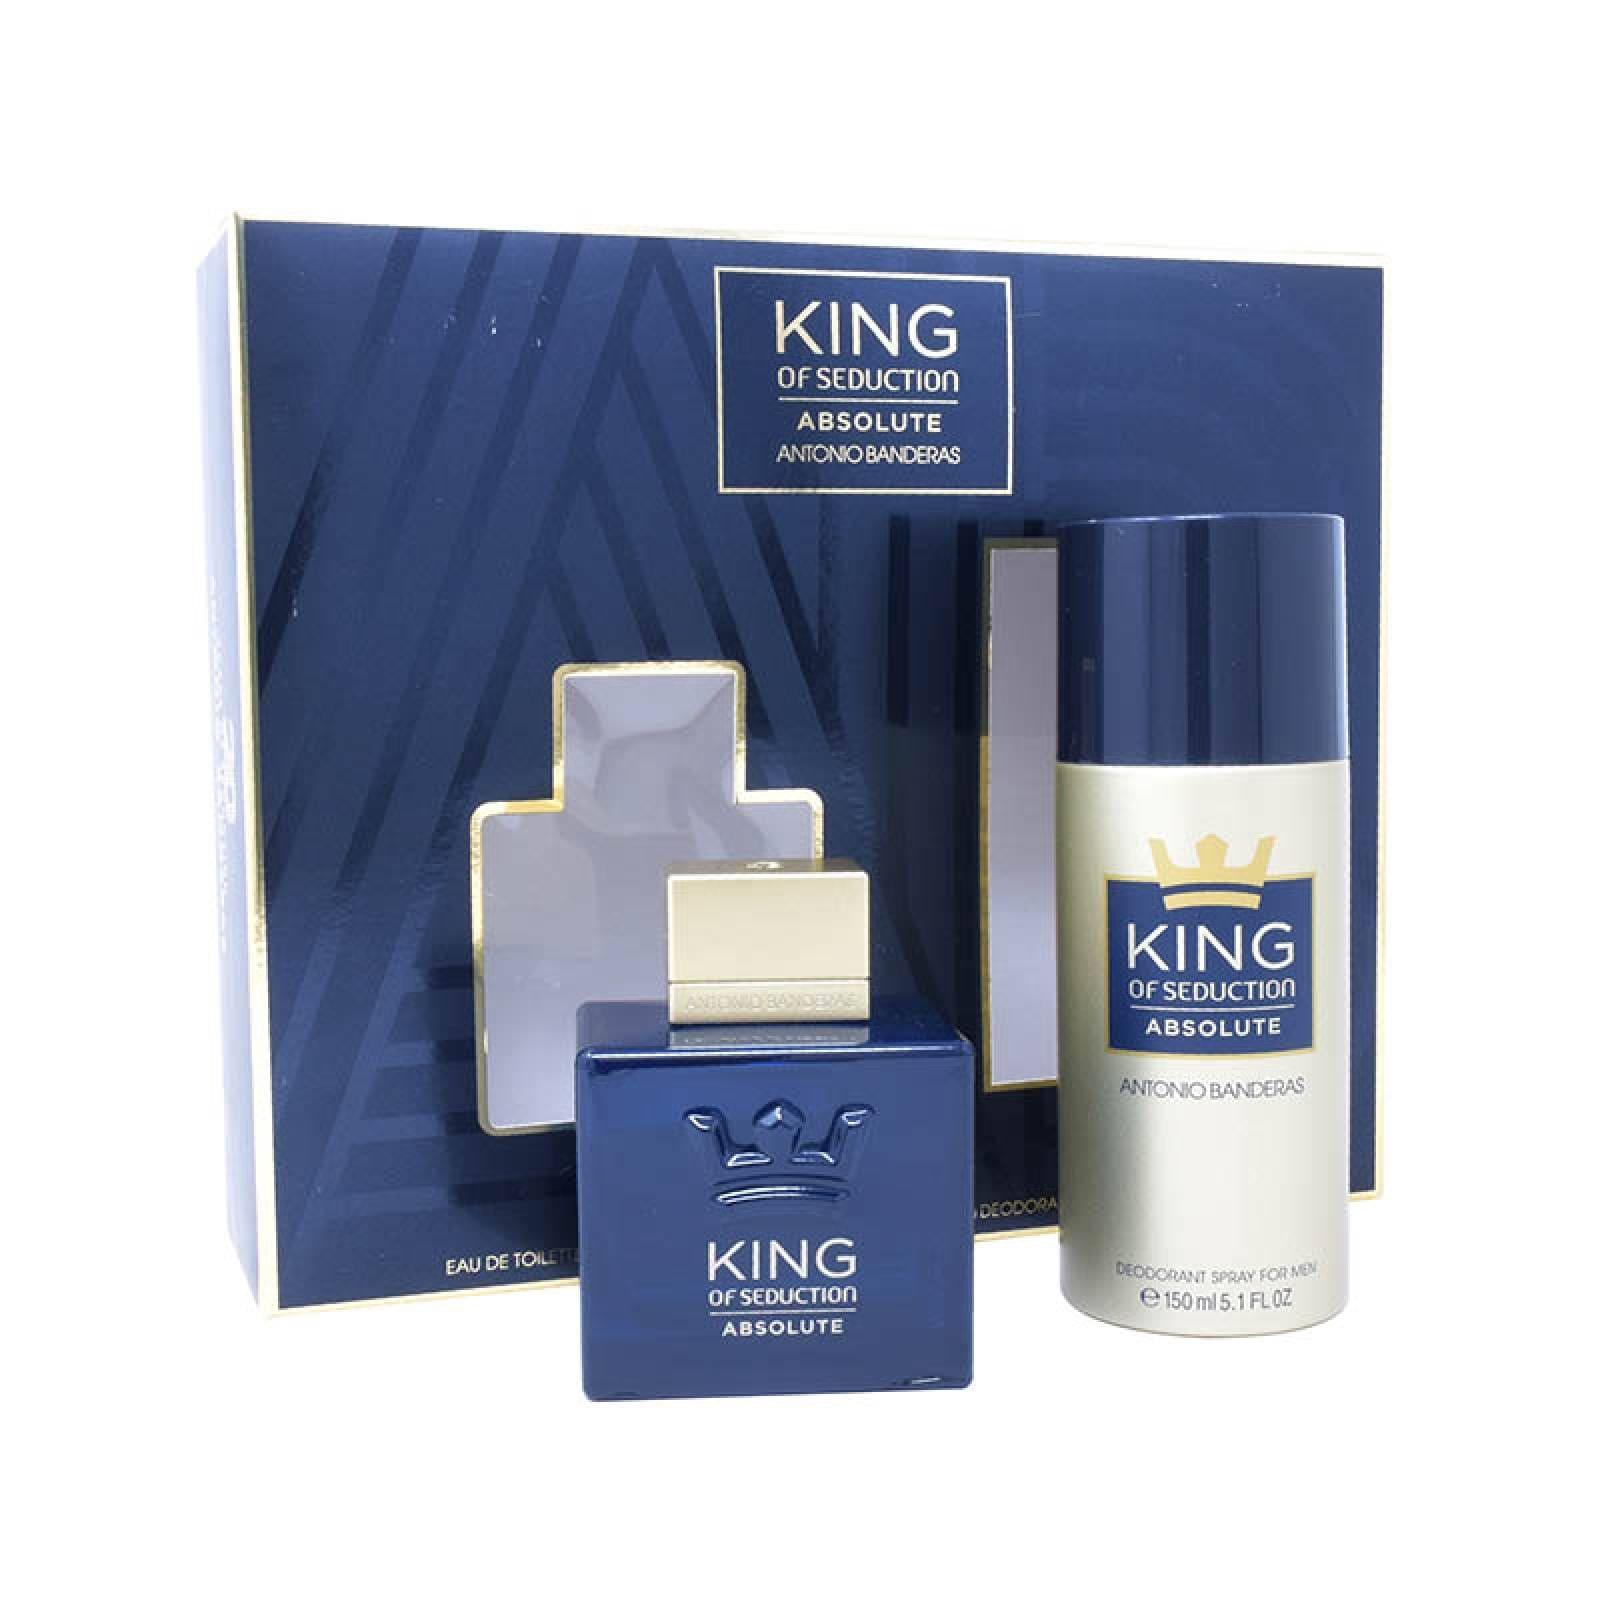 Set King Of Seduction Absolute 2Pzs 100ml Edt Spray  + Desodorante 150ml Spray de Antonio Banderas